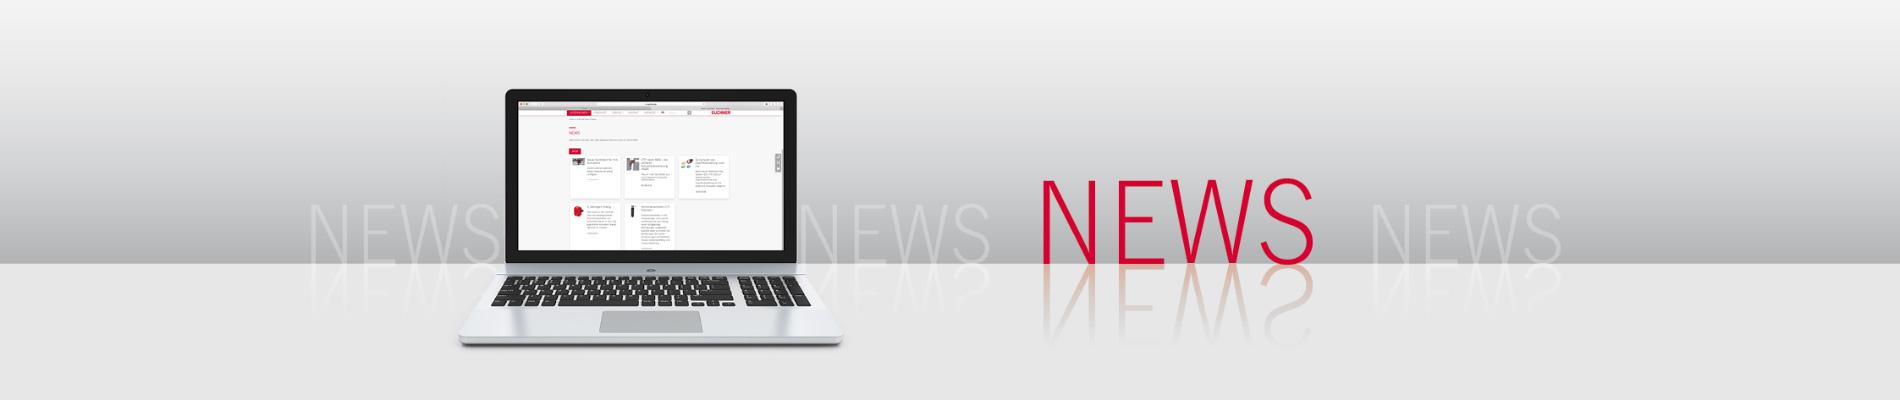 News Détails